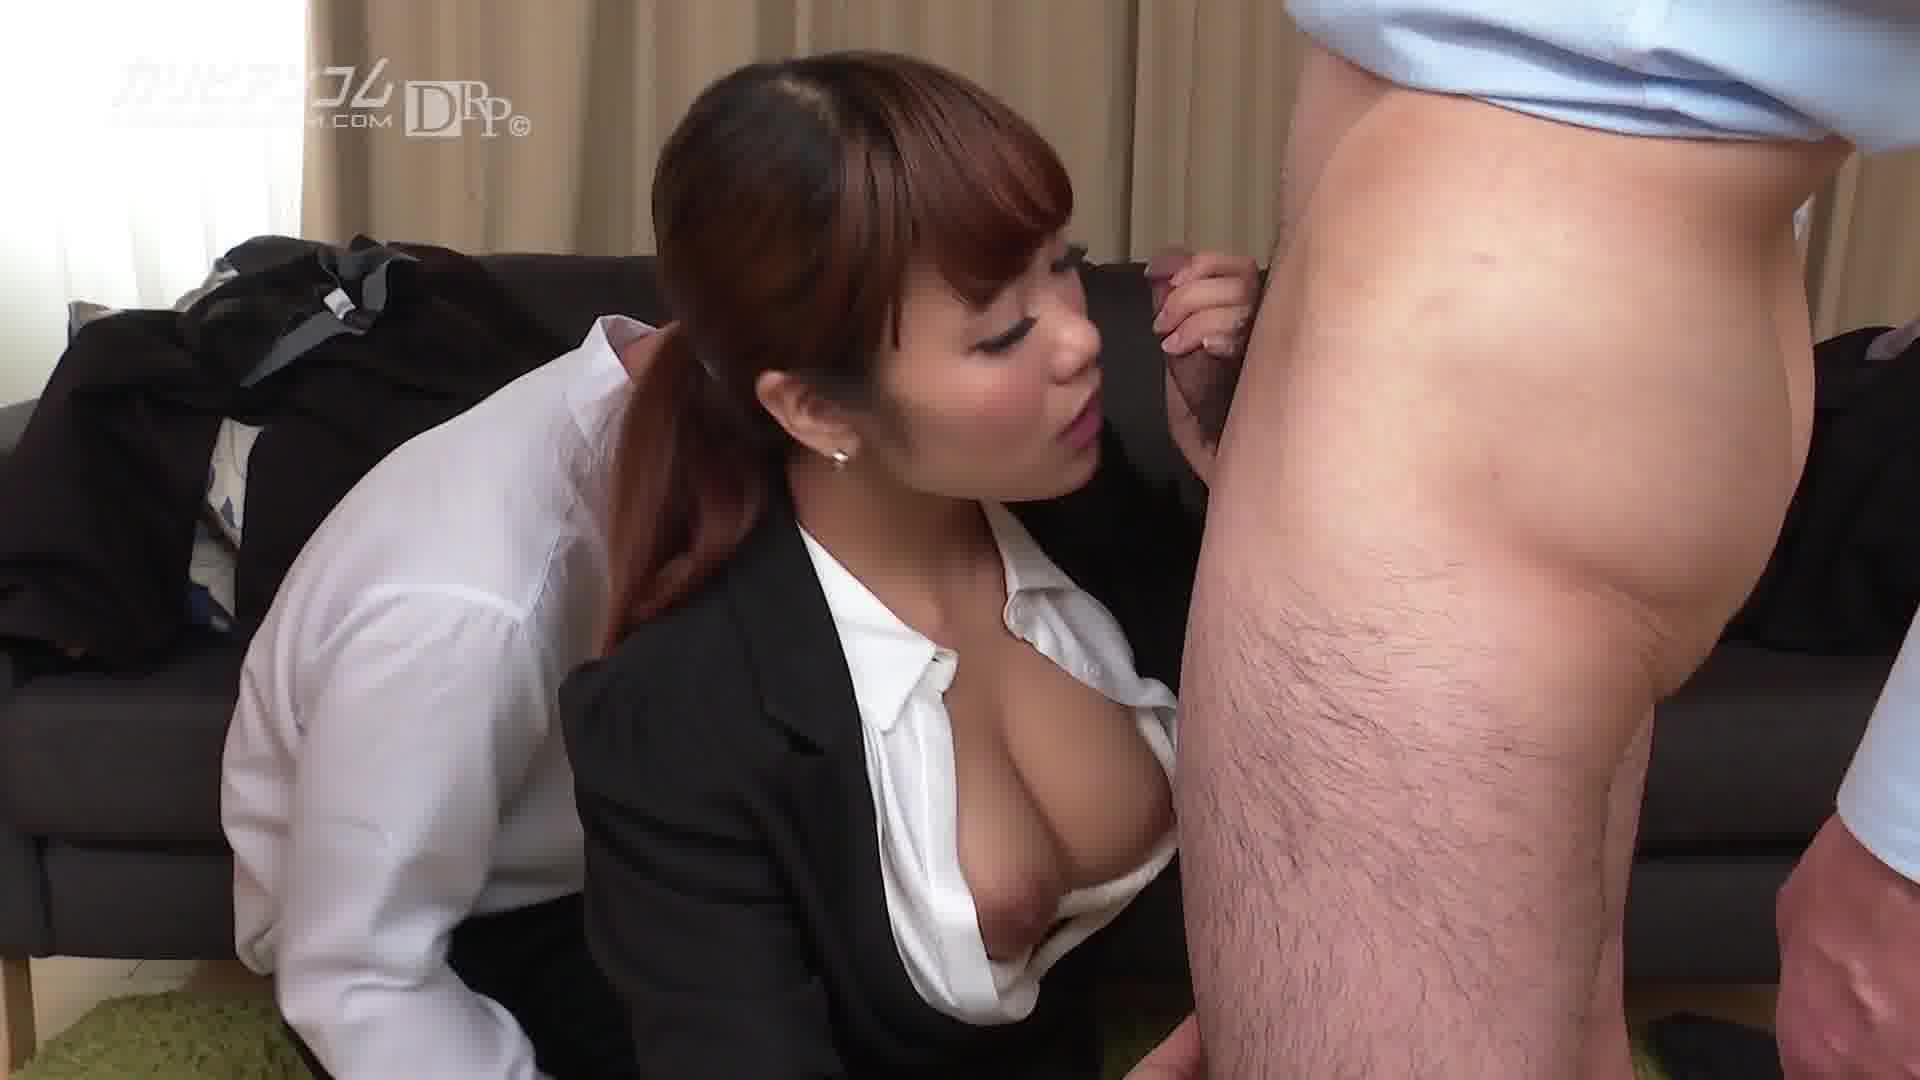 新入社員のお仕事 Vol.21 - あかね杏珠【巨乳・パイパン・OL】